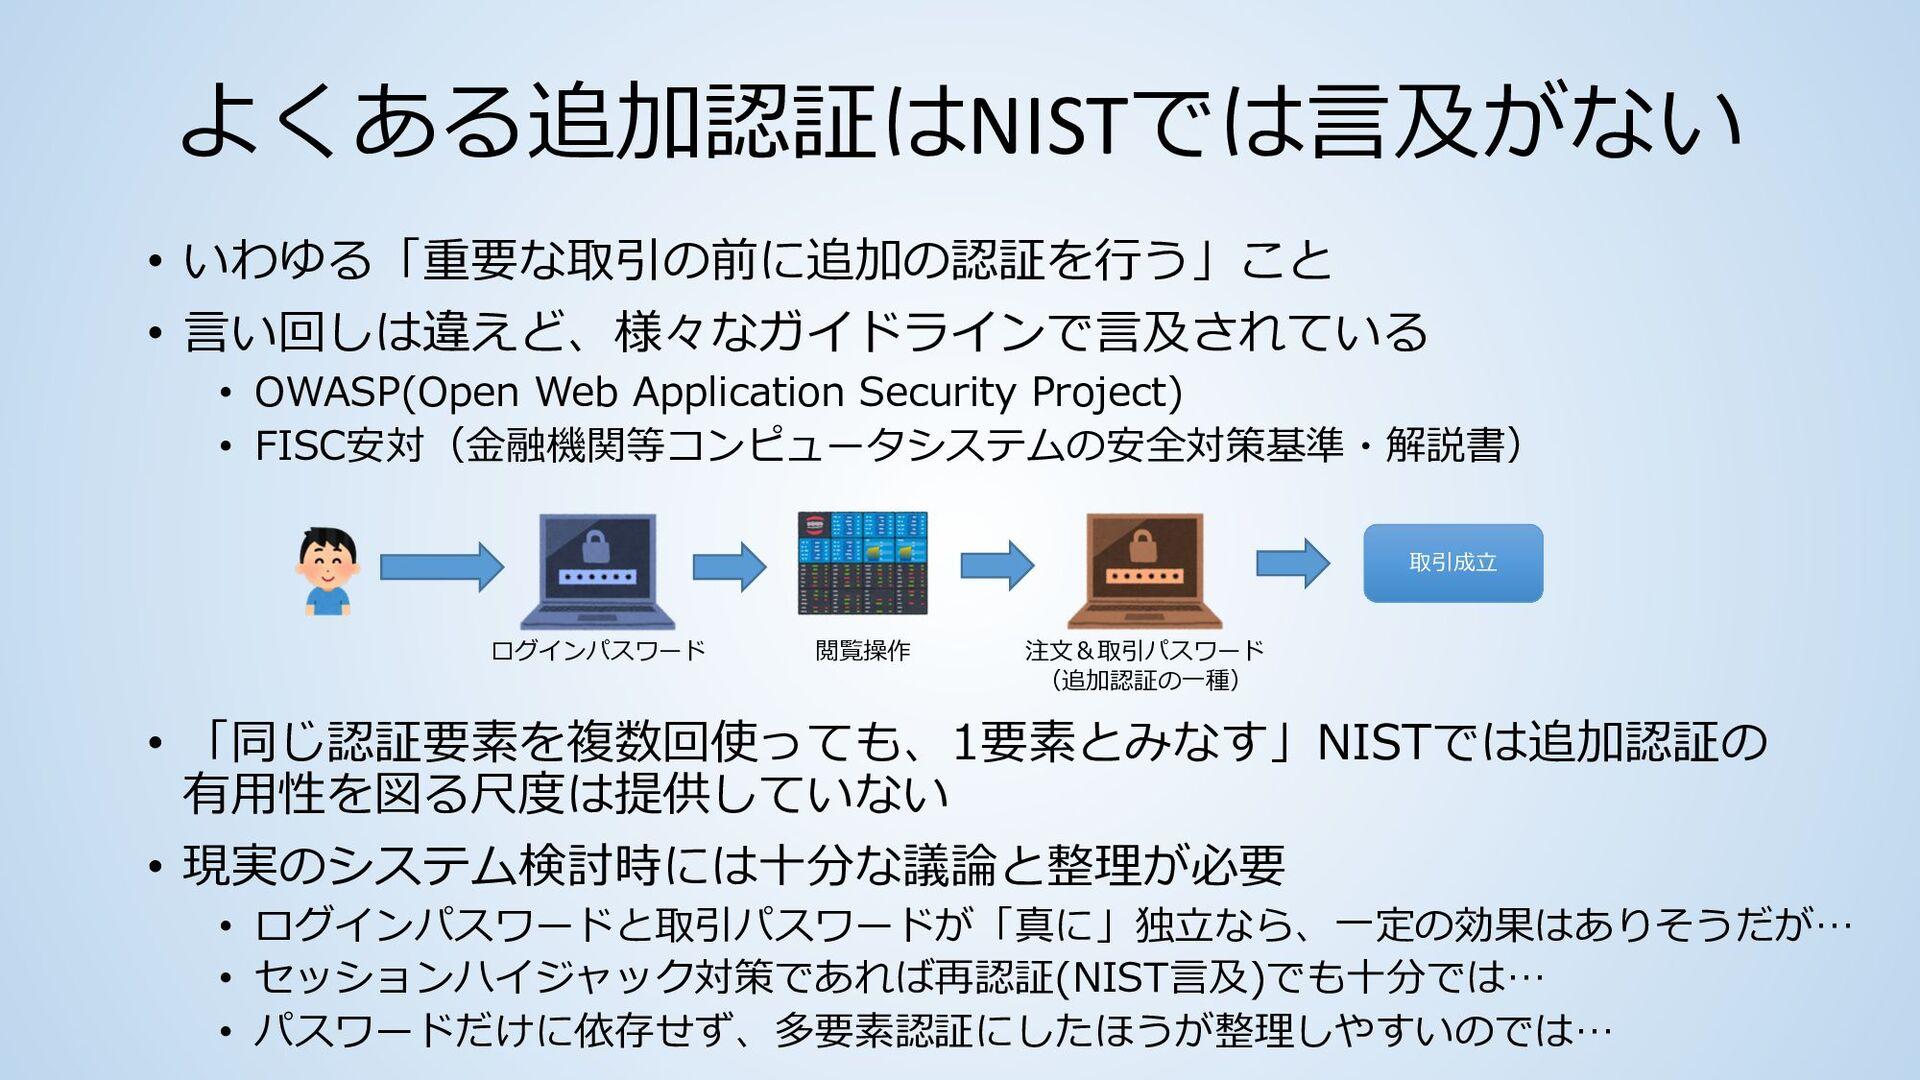 """経路外認証は使えるが""""RESTRICTED"""" • ドラフト改訂の当初は、公衆交換電話網(PST..."""